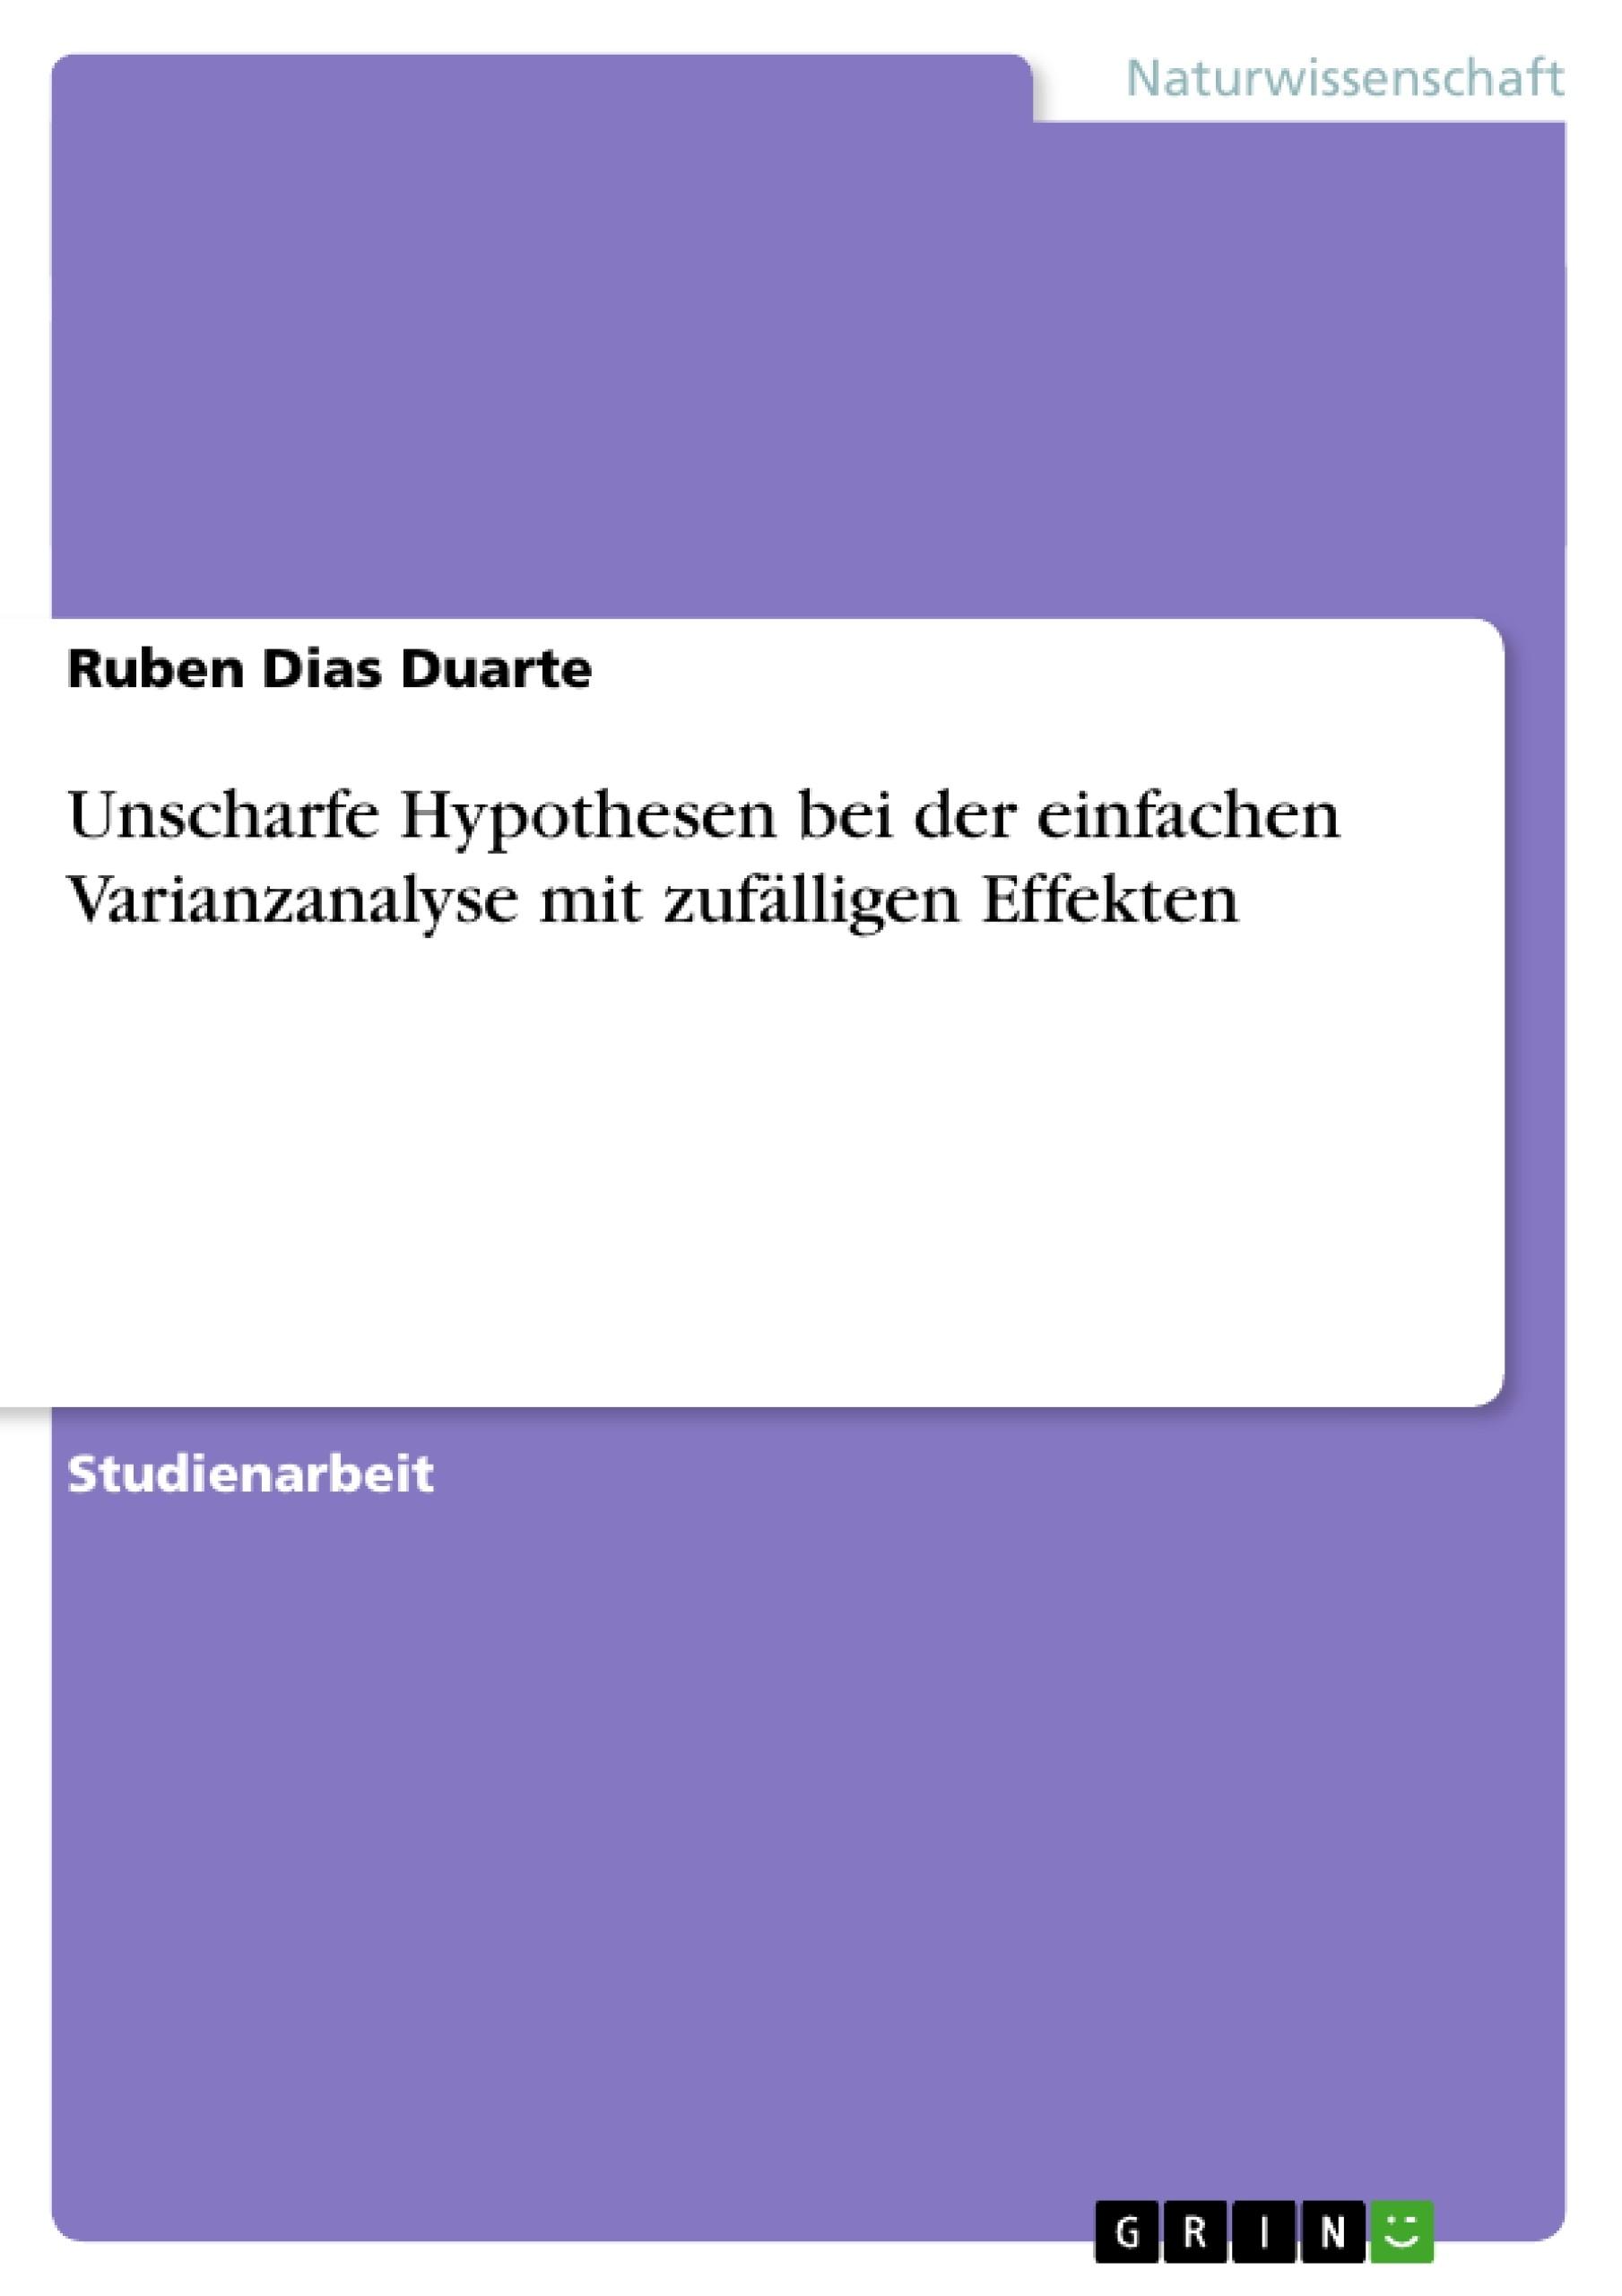 Titel: Unscharfe Hypothesen bei der einfachen Varianzanalyse mit zufälligen Effekten